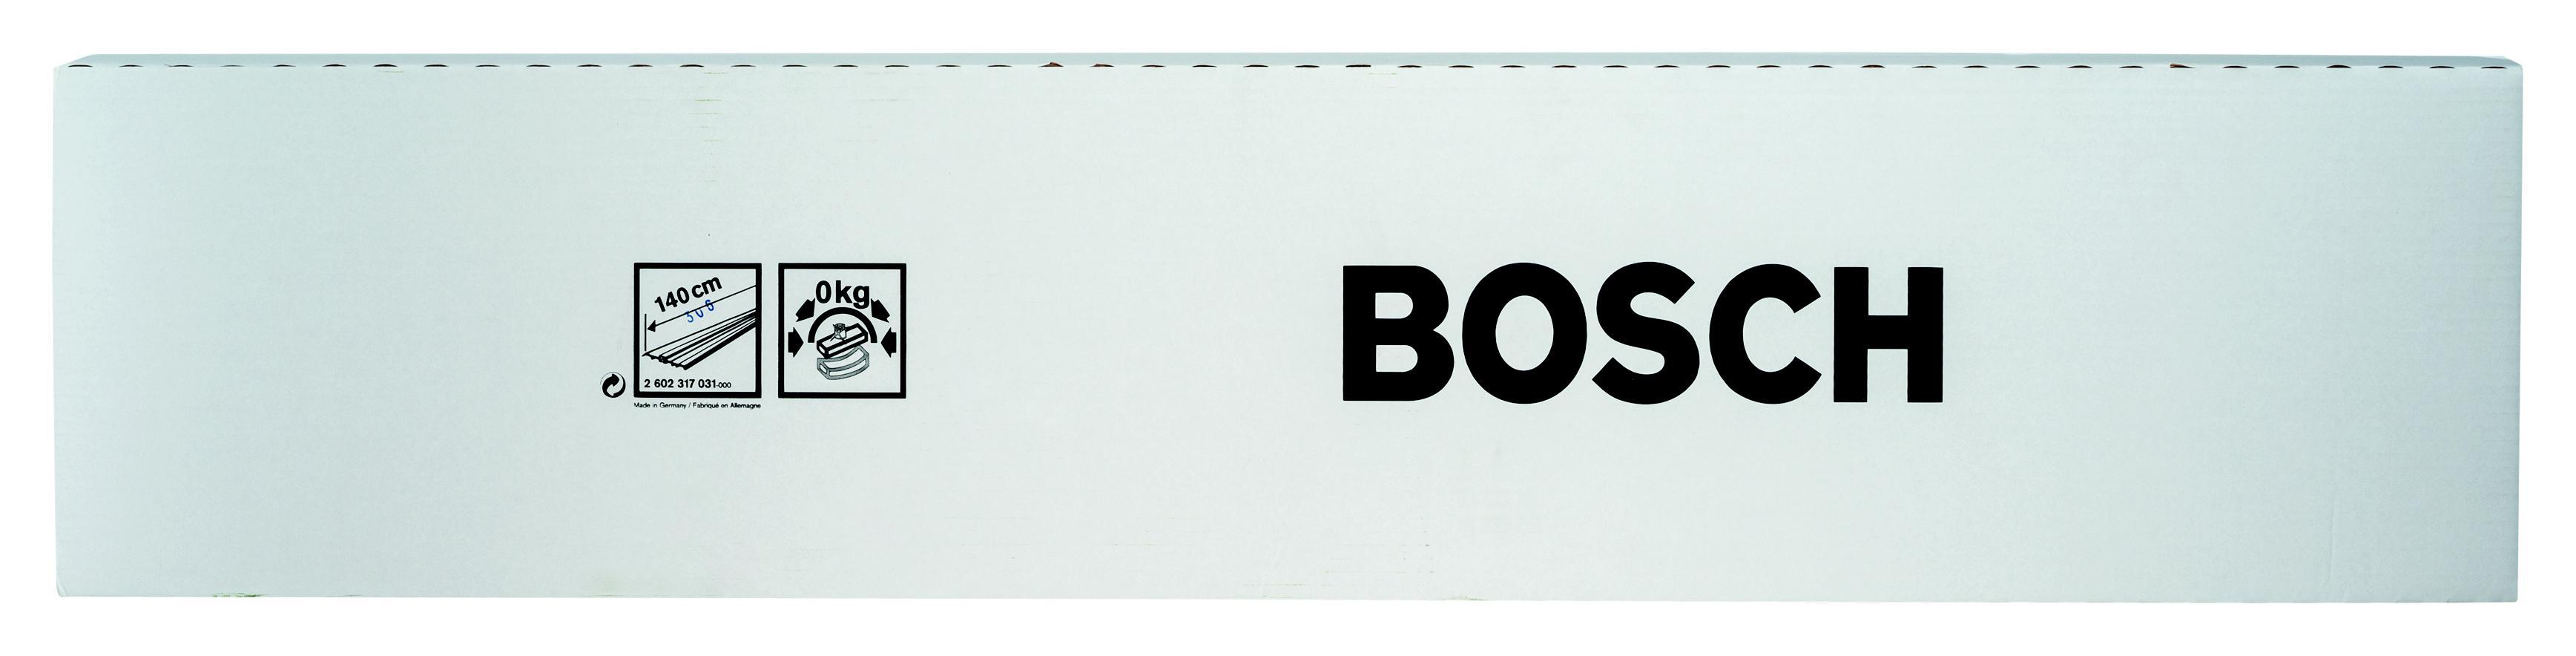 цена на Шина направляющая Bosch Fsn 140 (2.602.317.031)